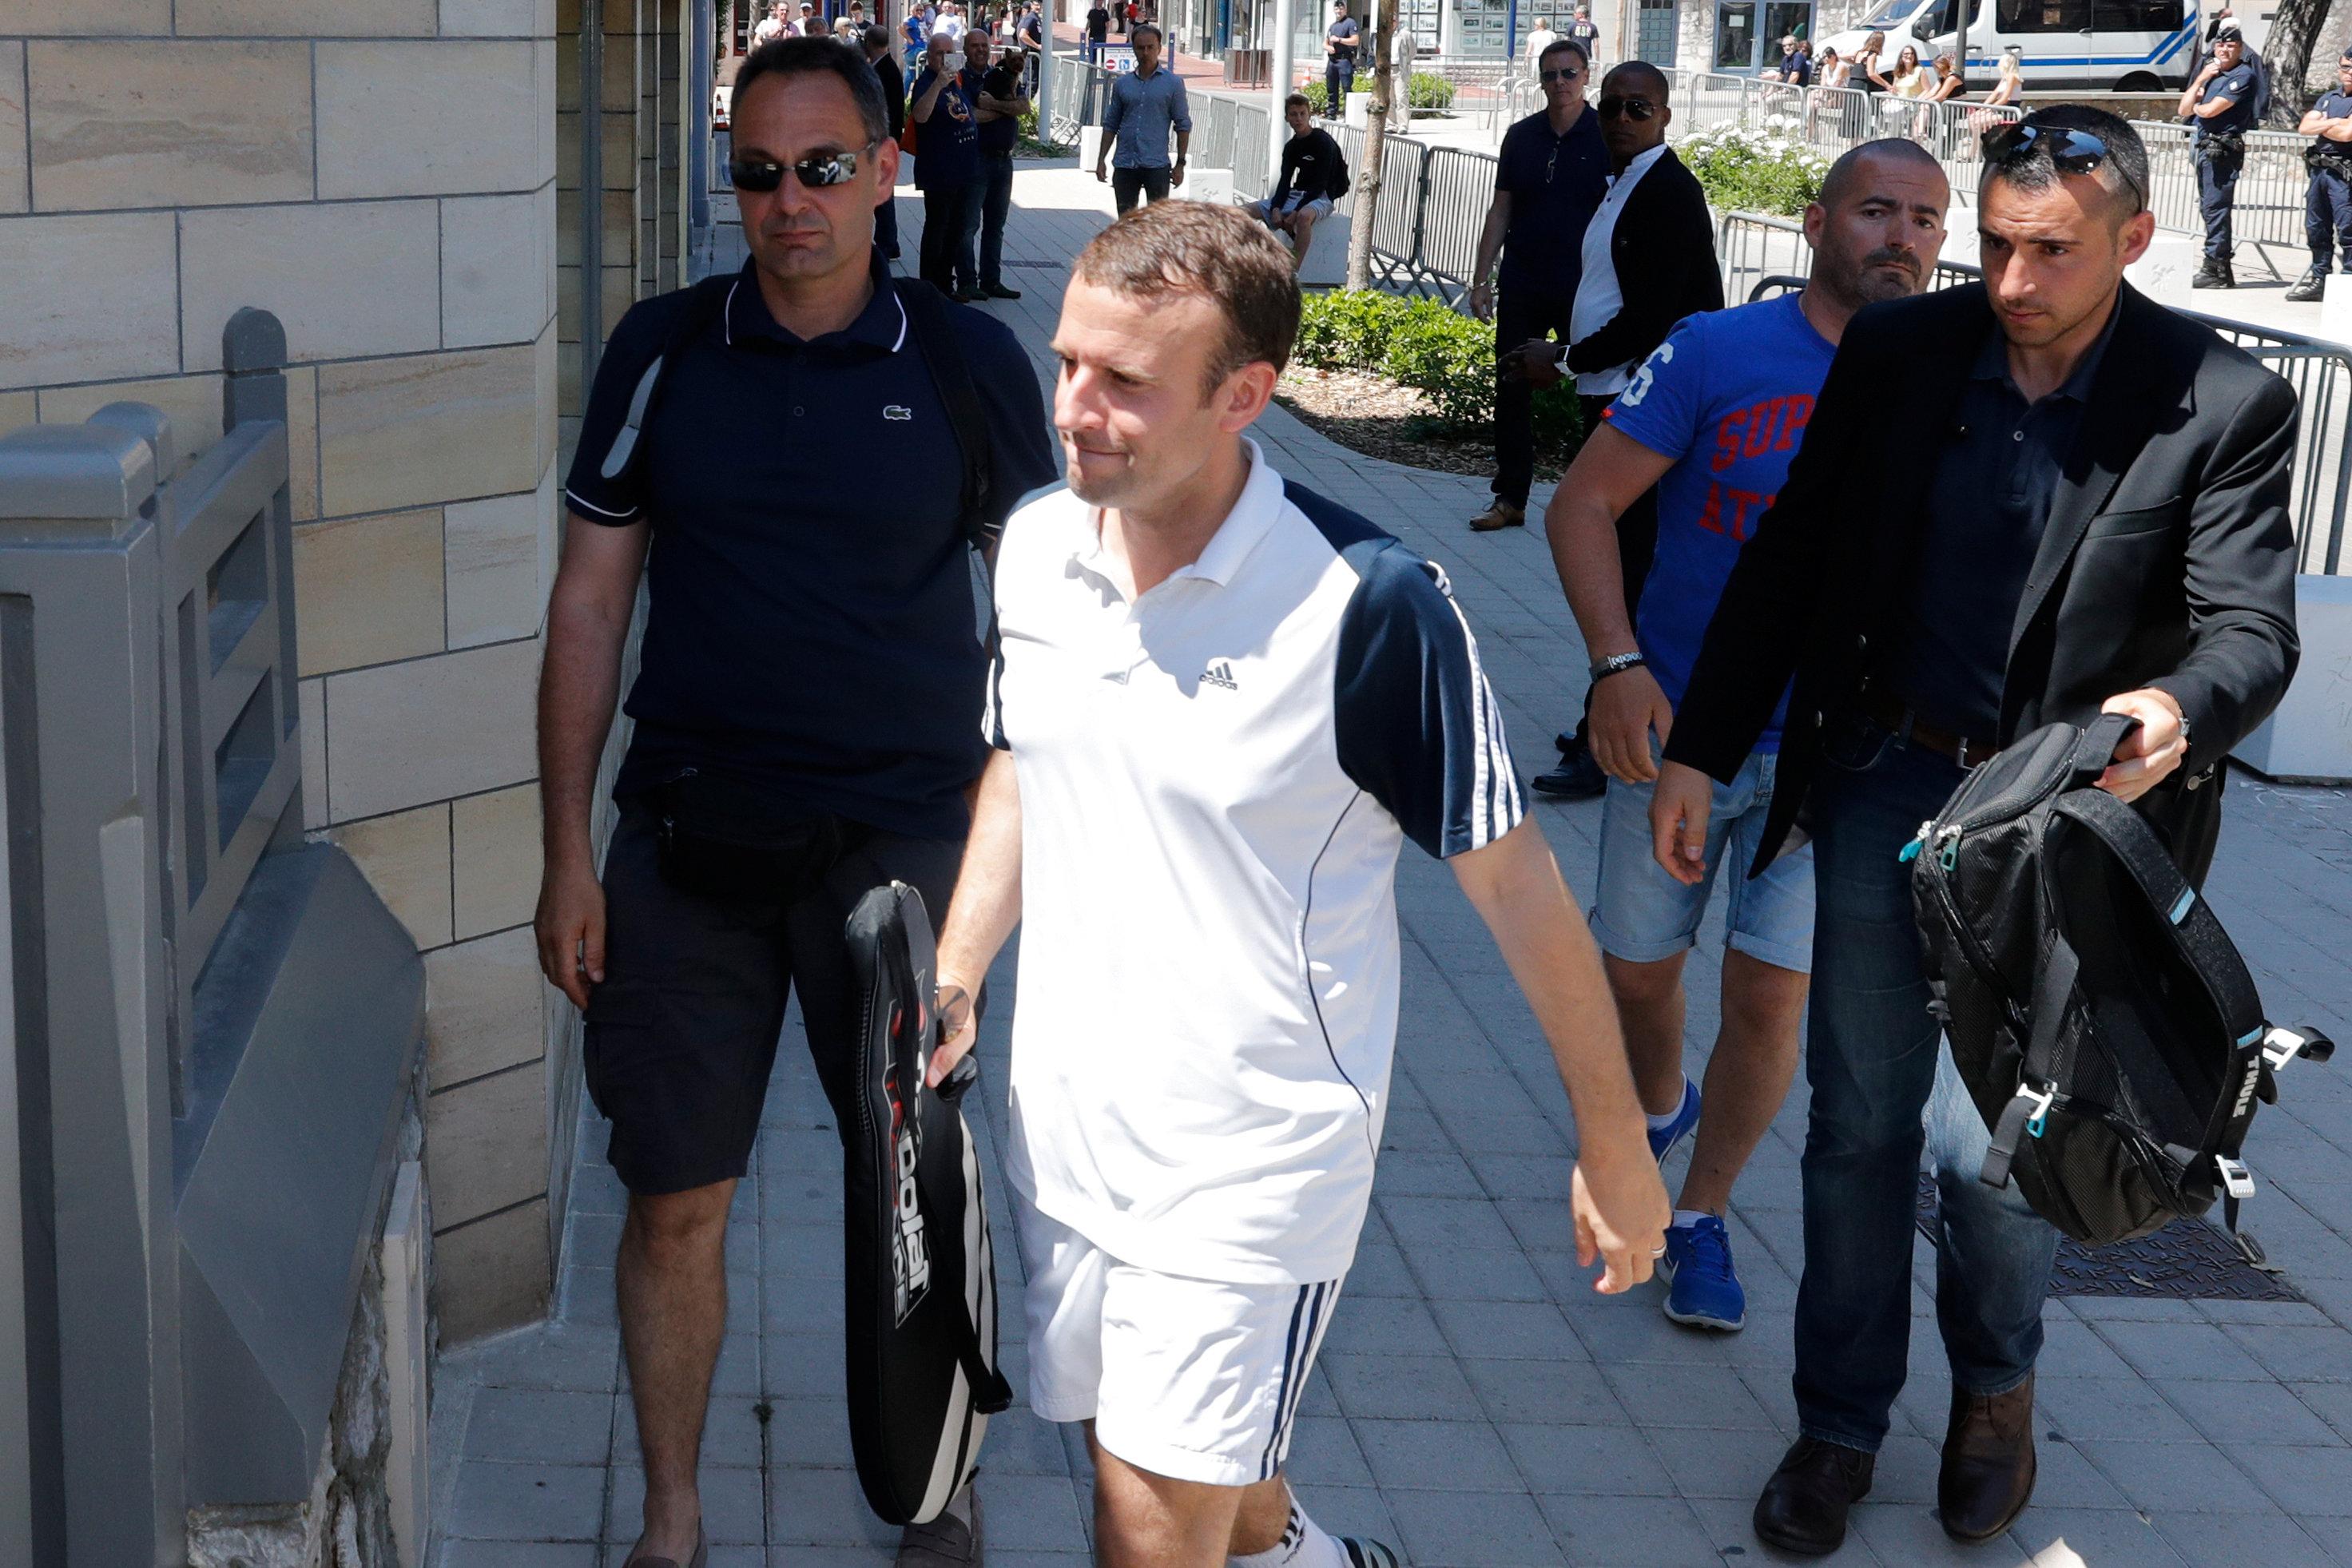 الرئيس الفرنسى يرتدى ملابس رياضية